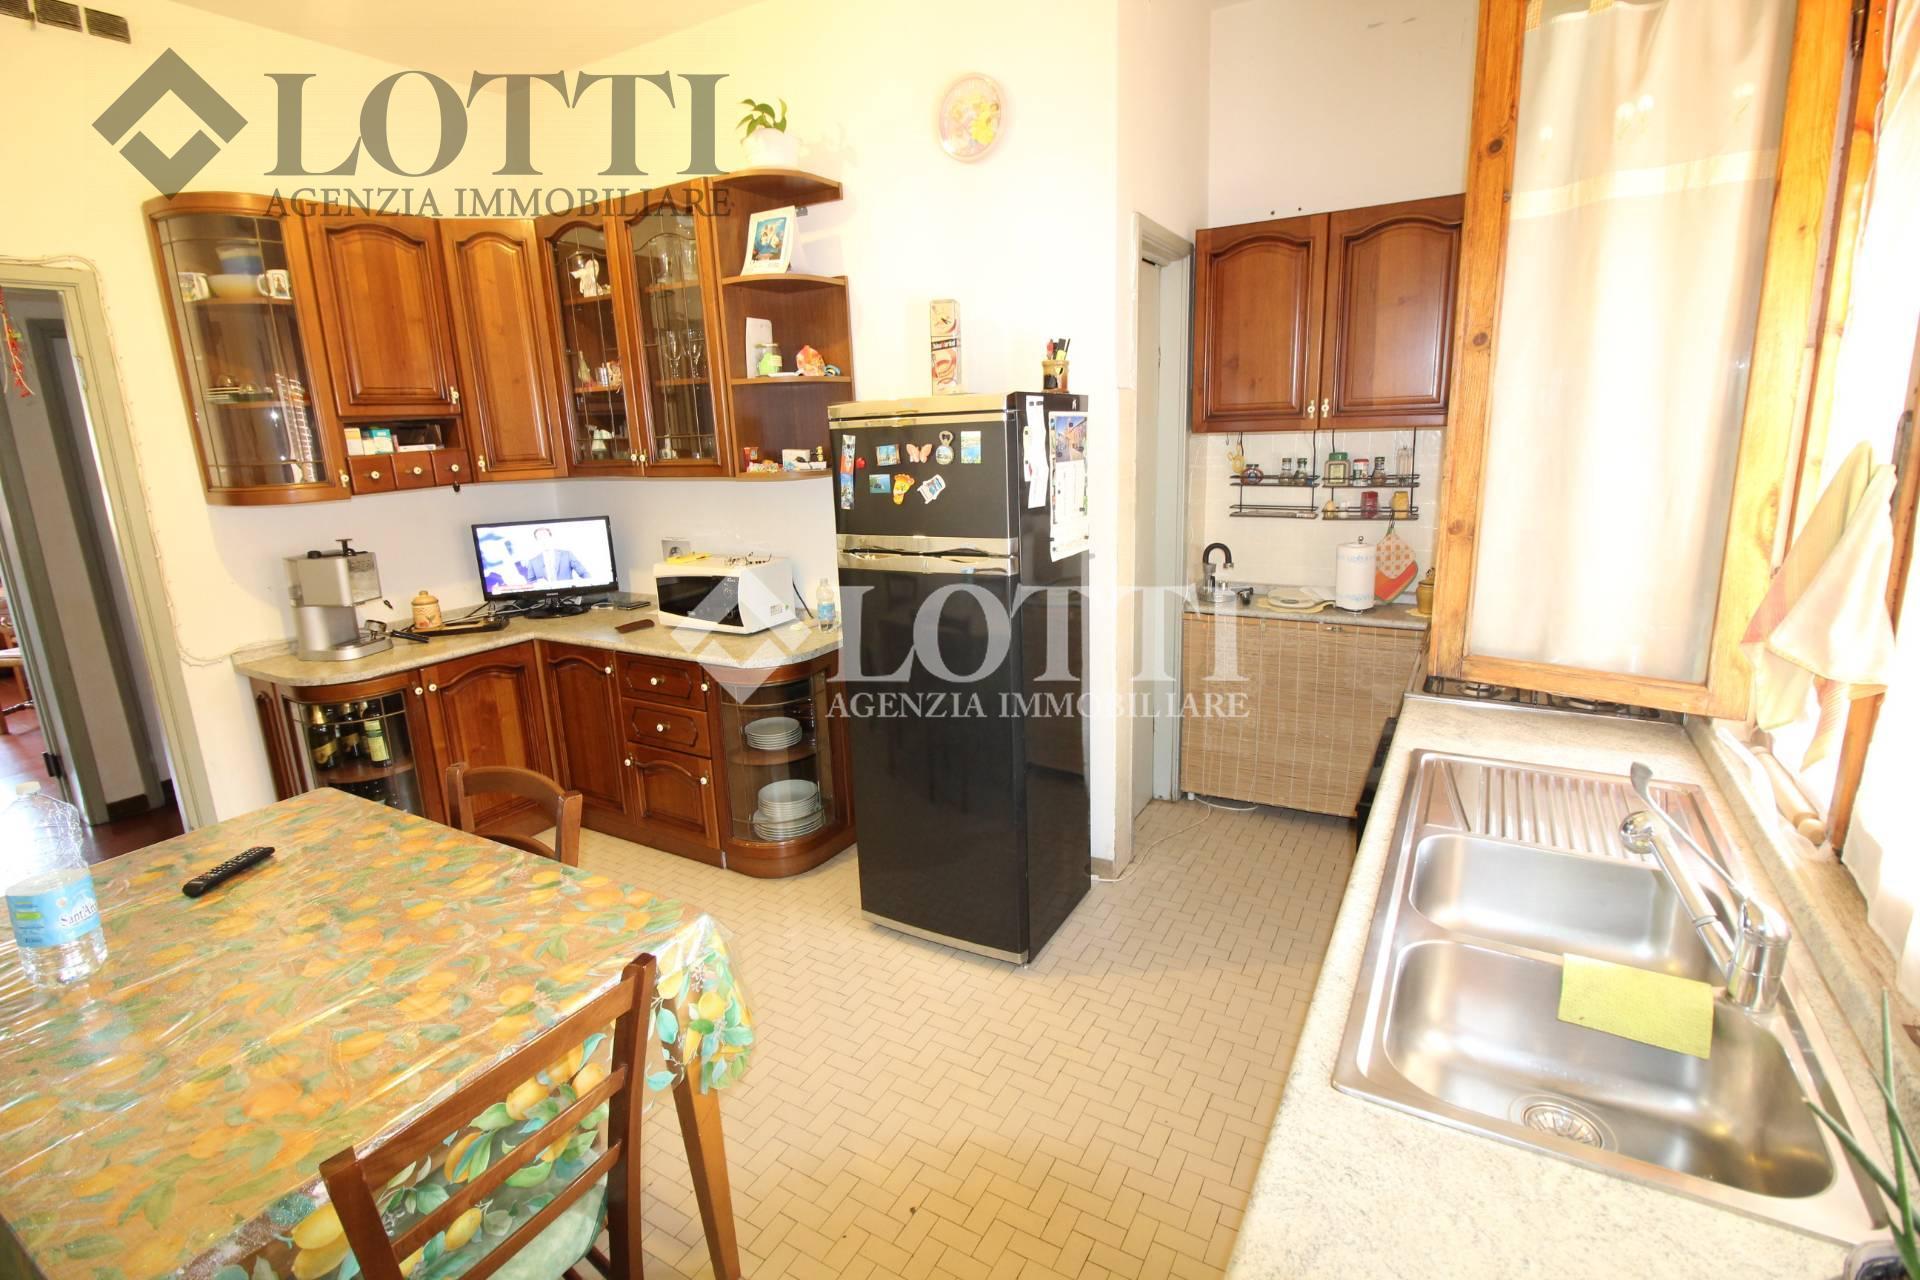 Appartamento in vendita, rif. 456